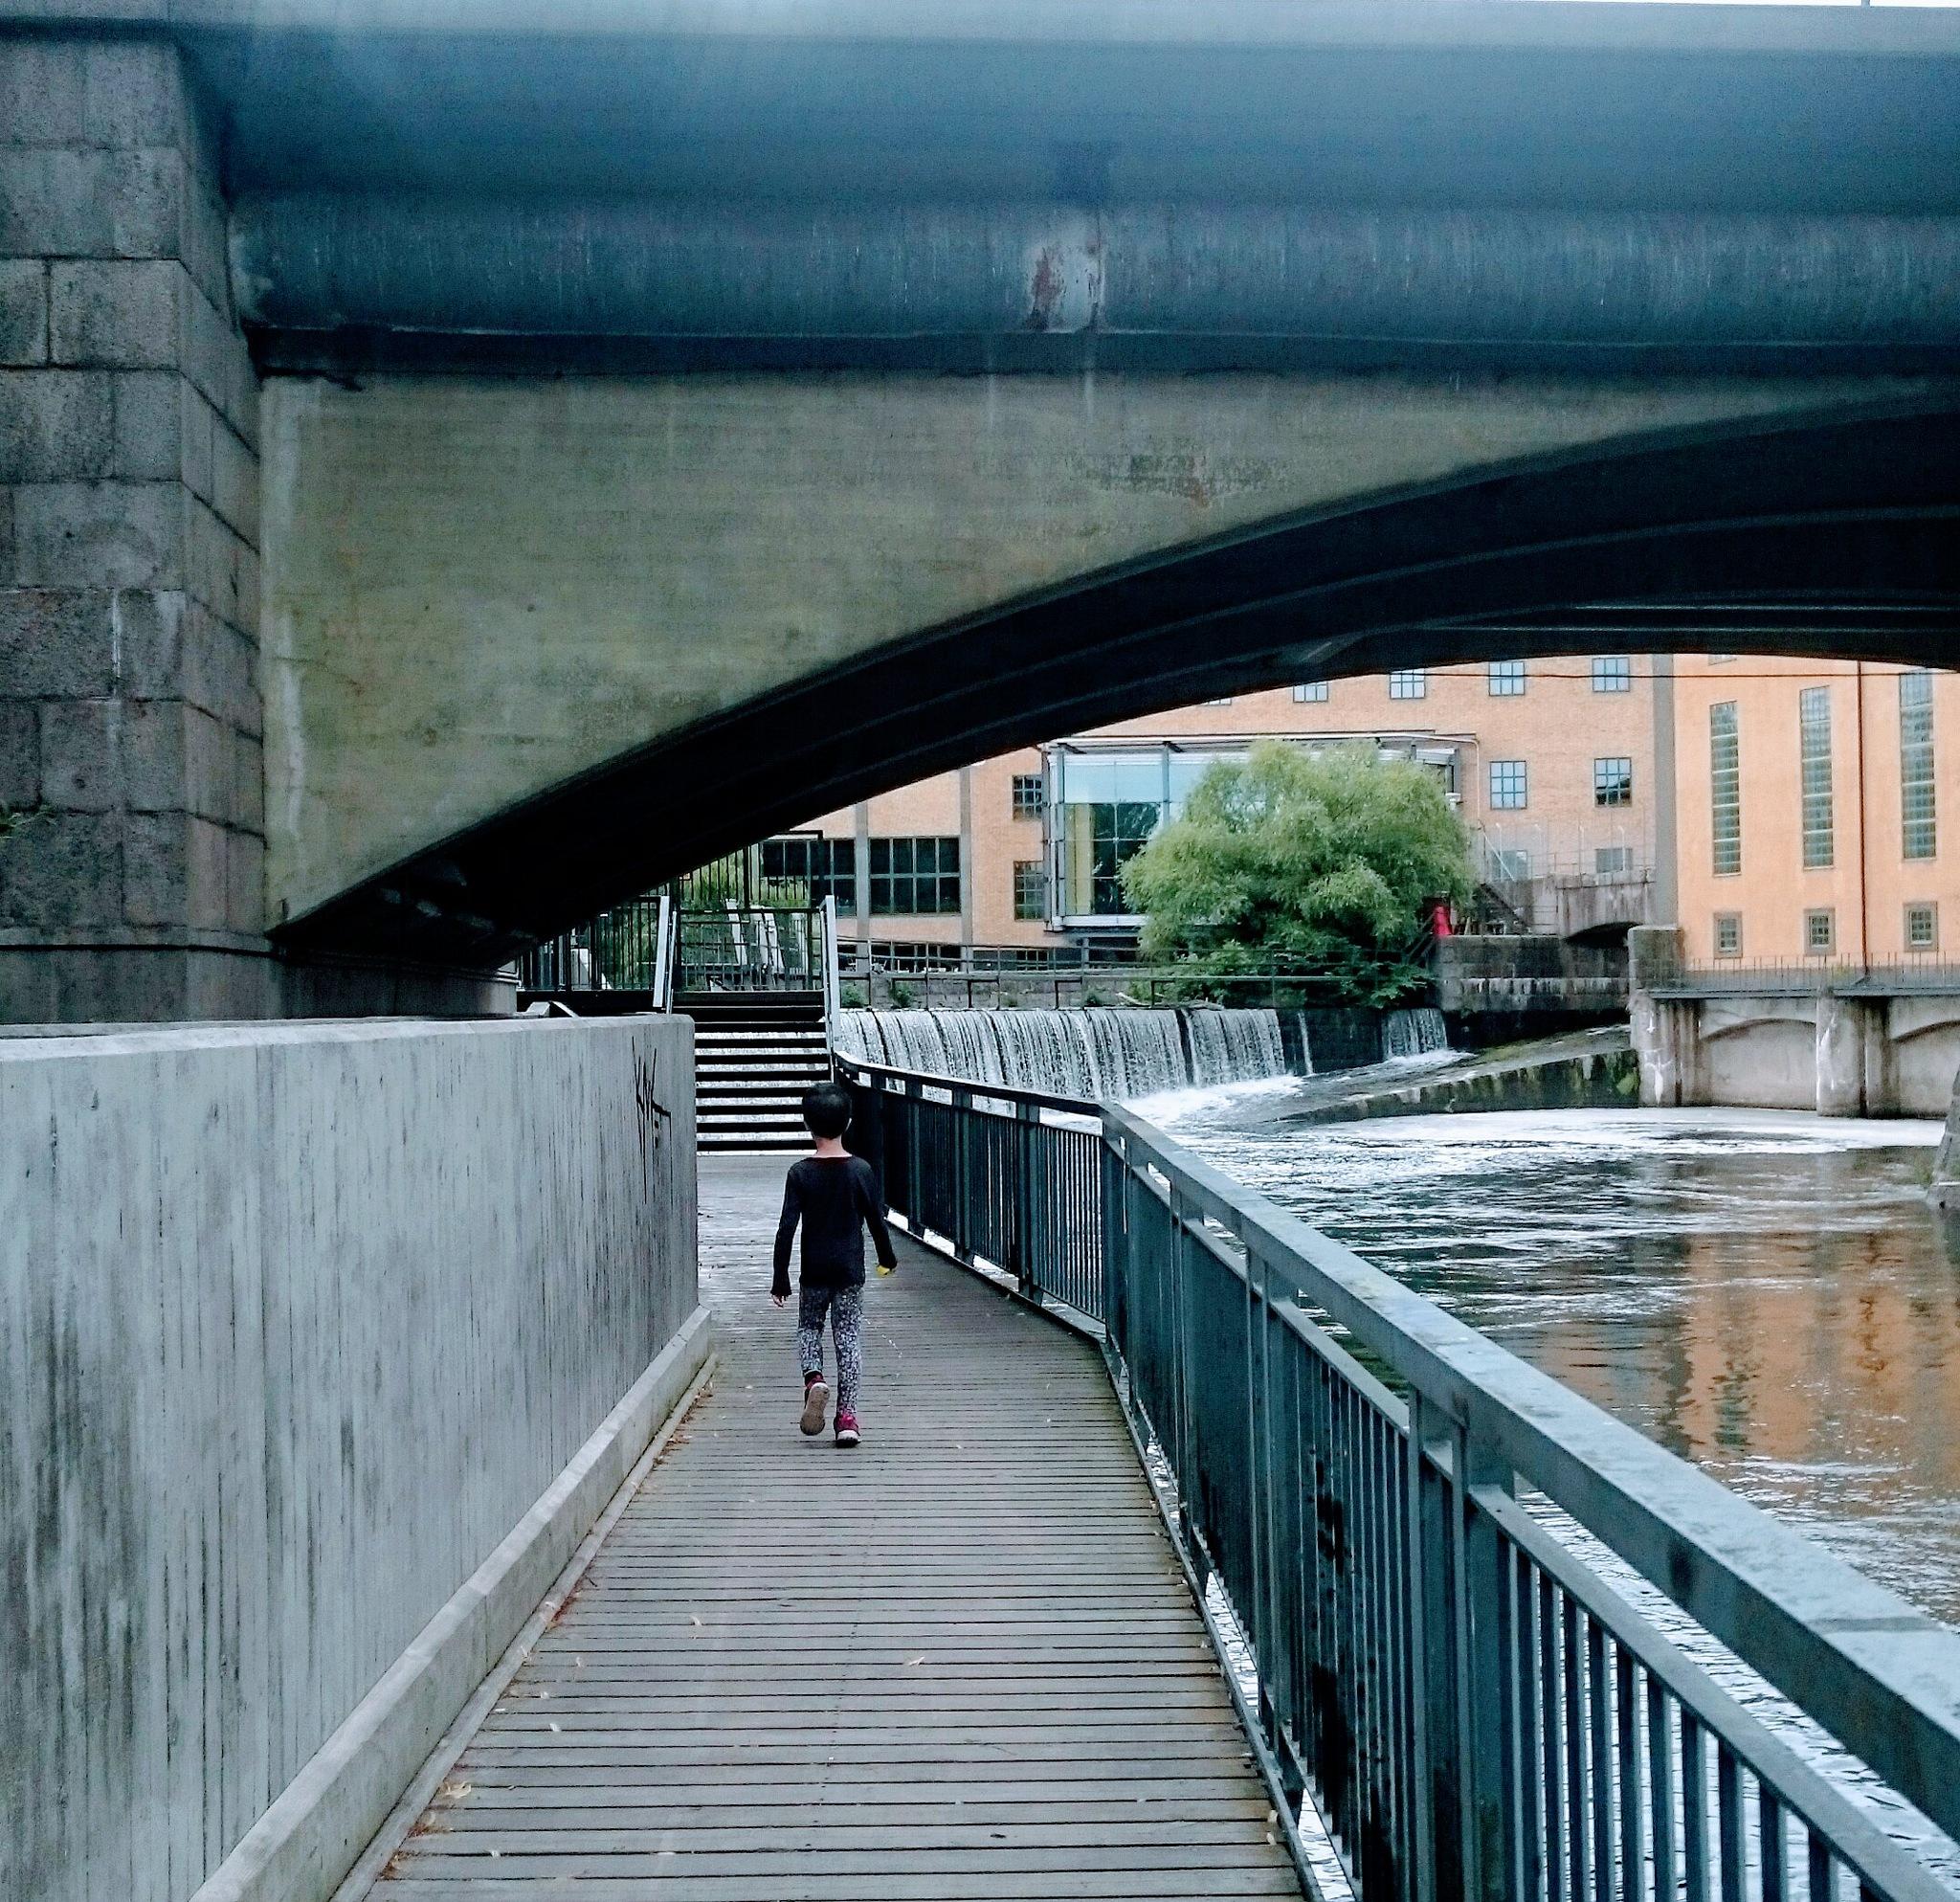 Walking along the river  by lillemor.ekstrom ek